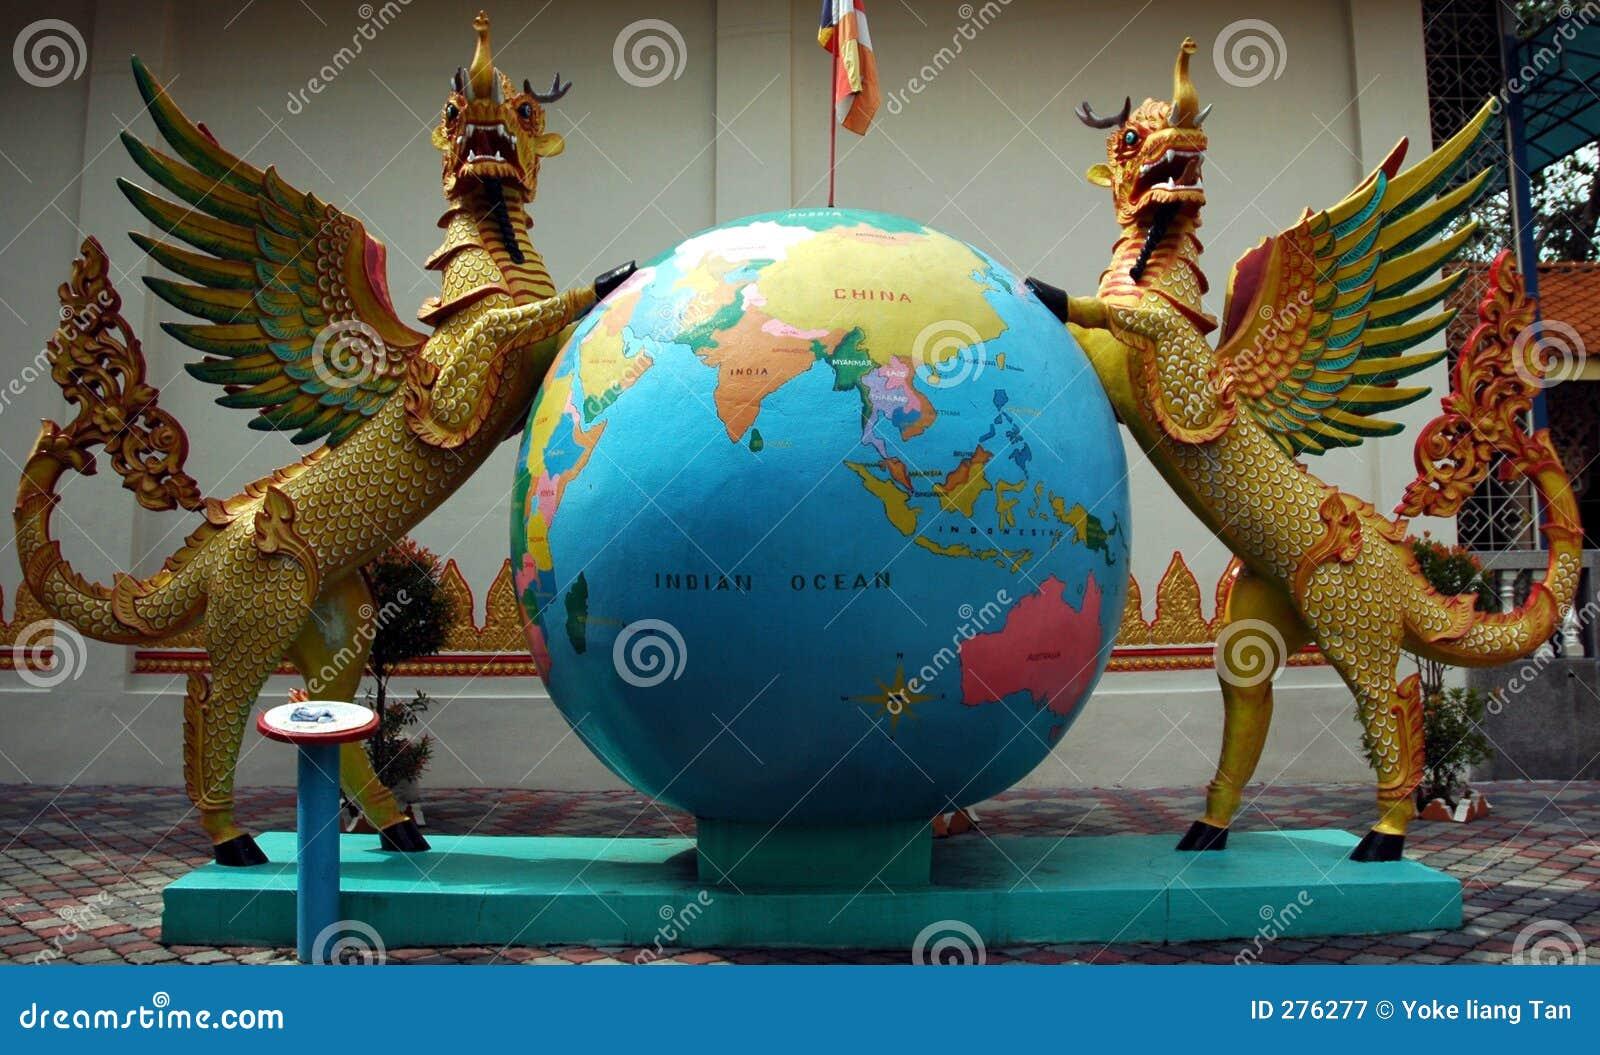 Standbeelden in Birmaanse tempel